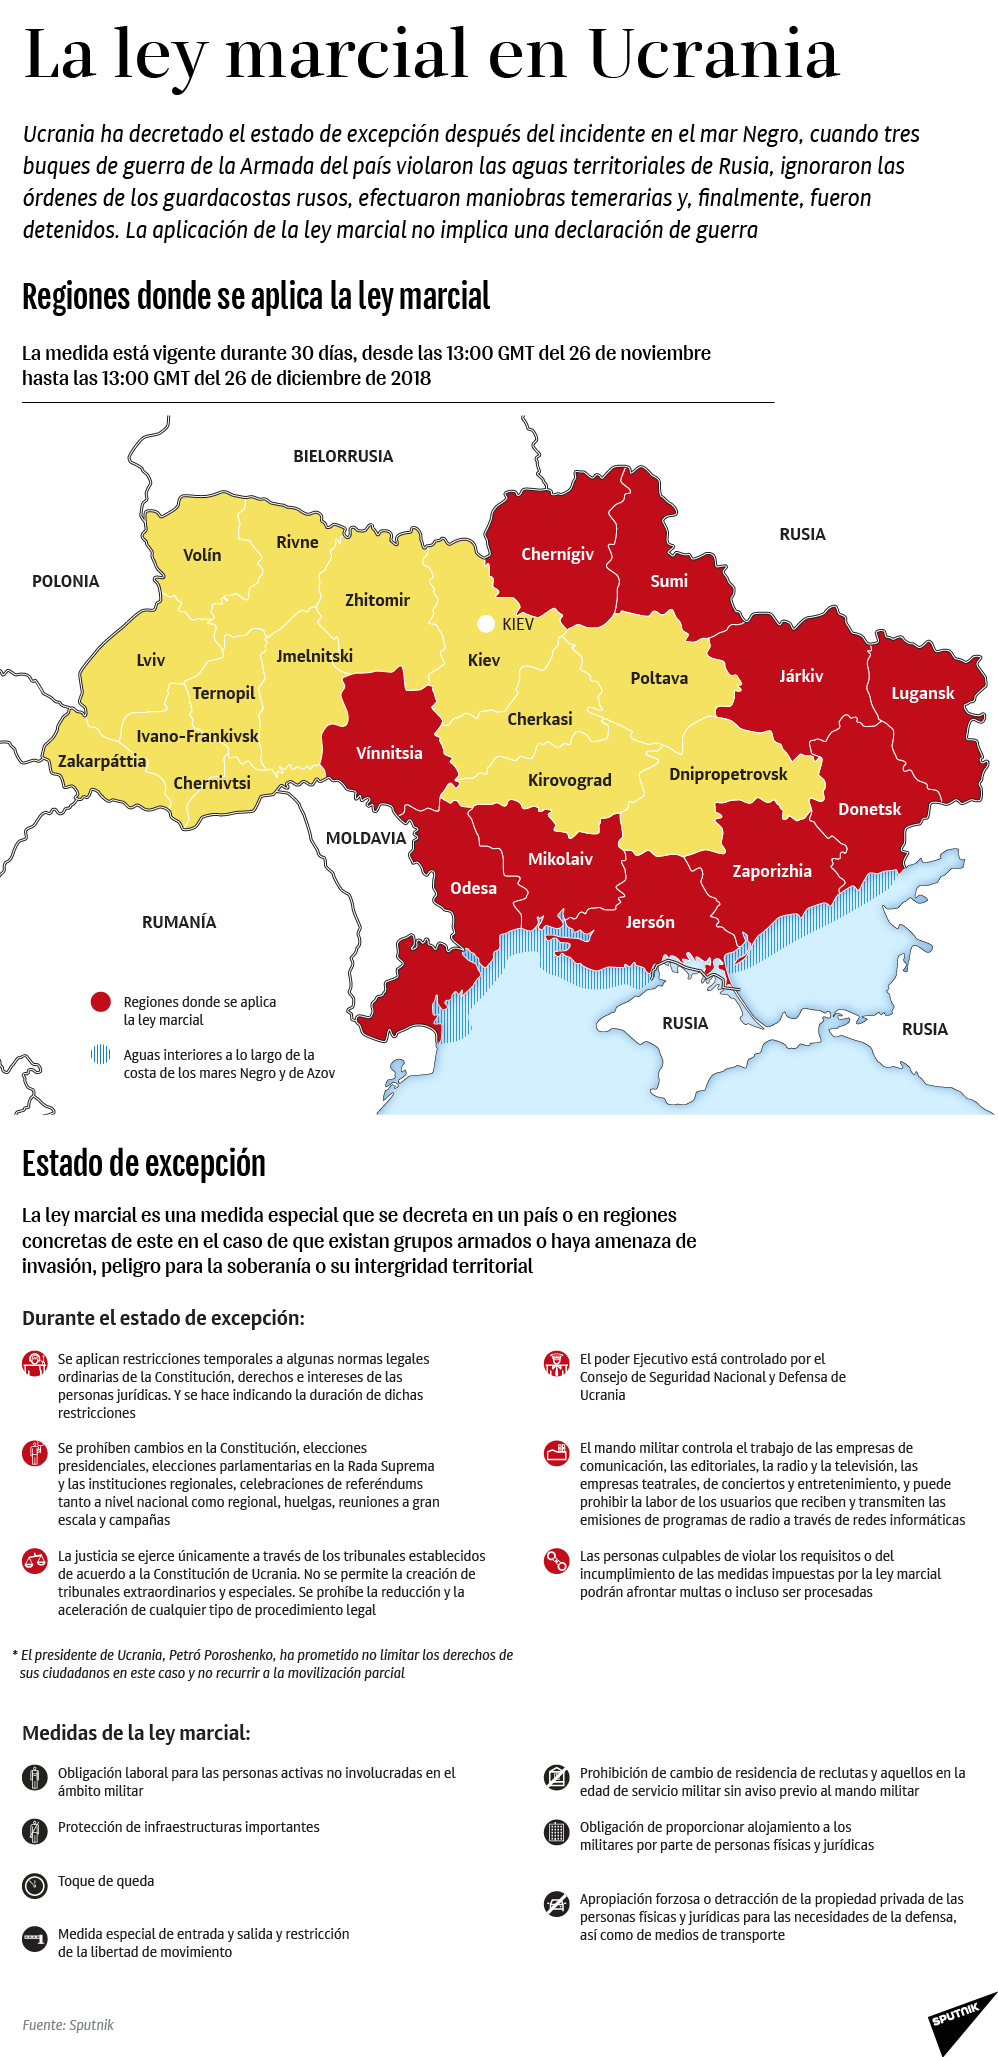 ¿Qué implica la implementación de la ley marcial en Ucrania?